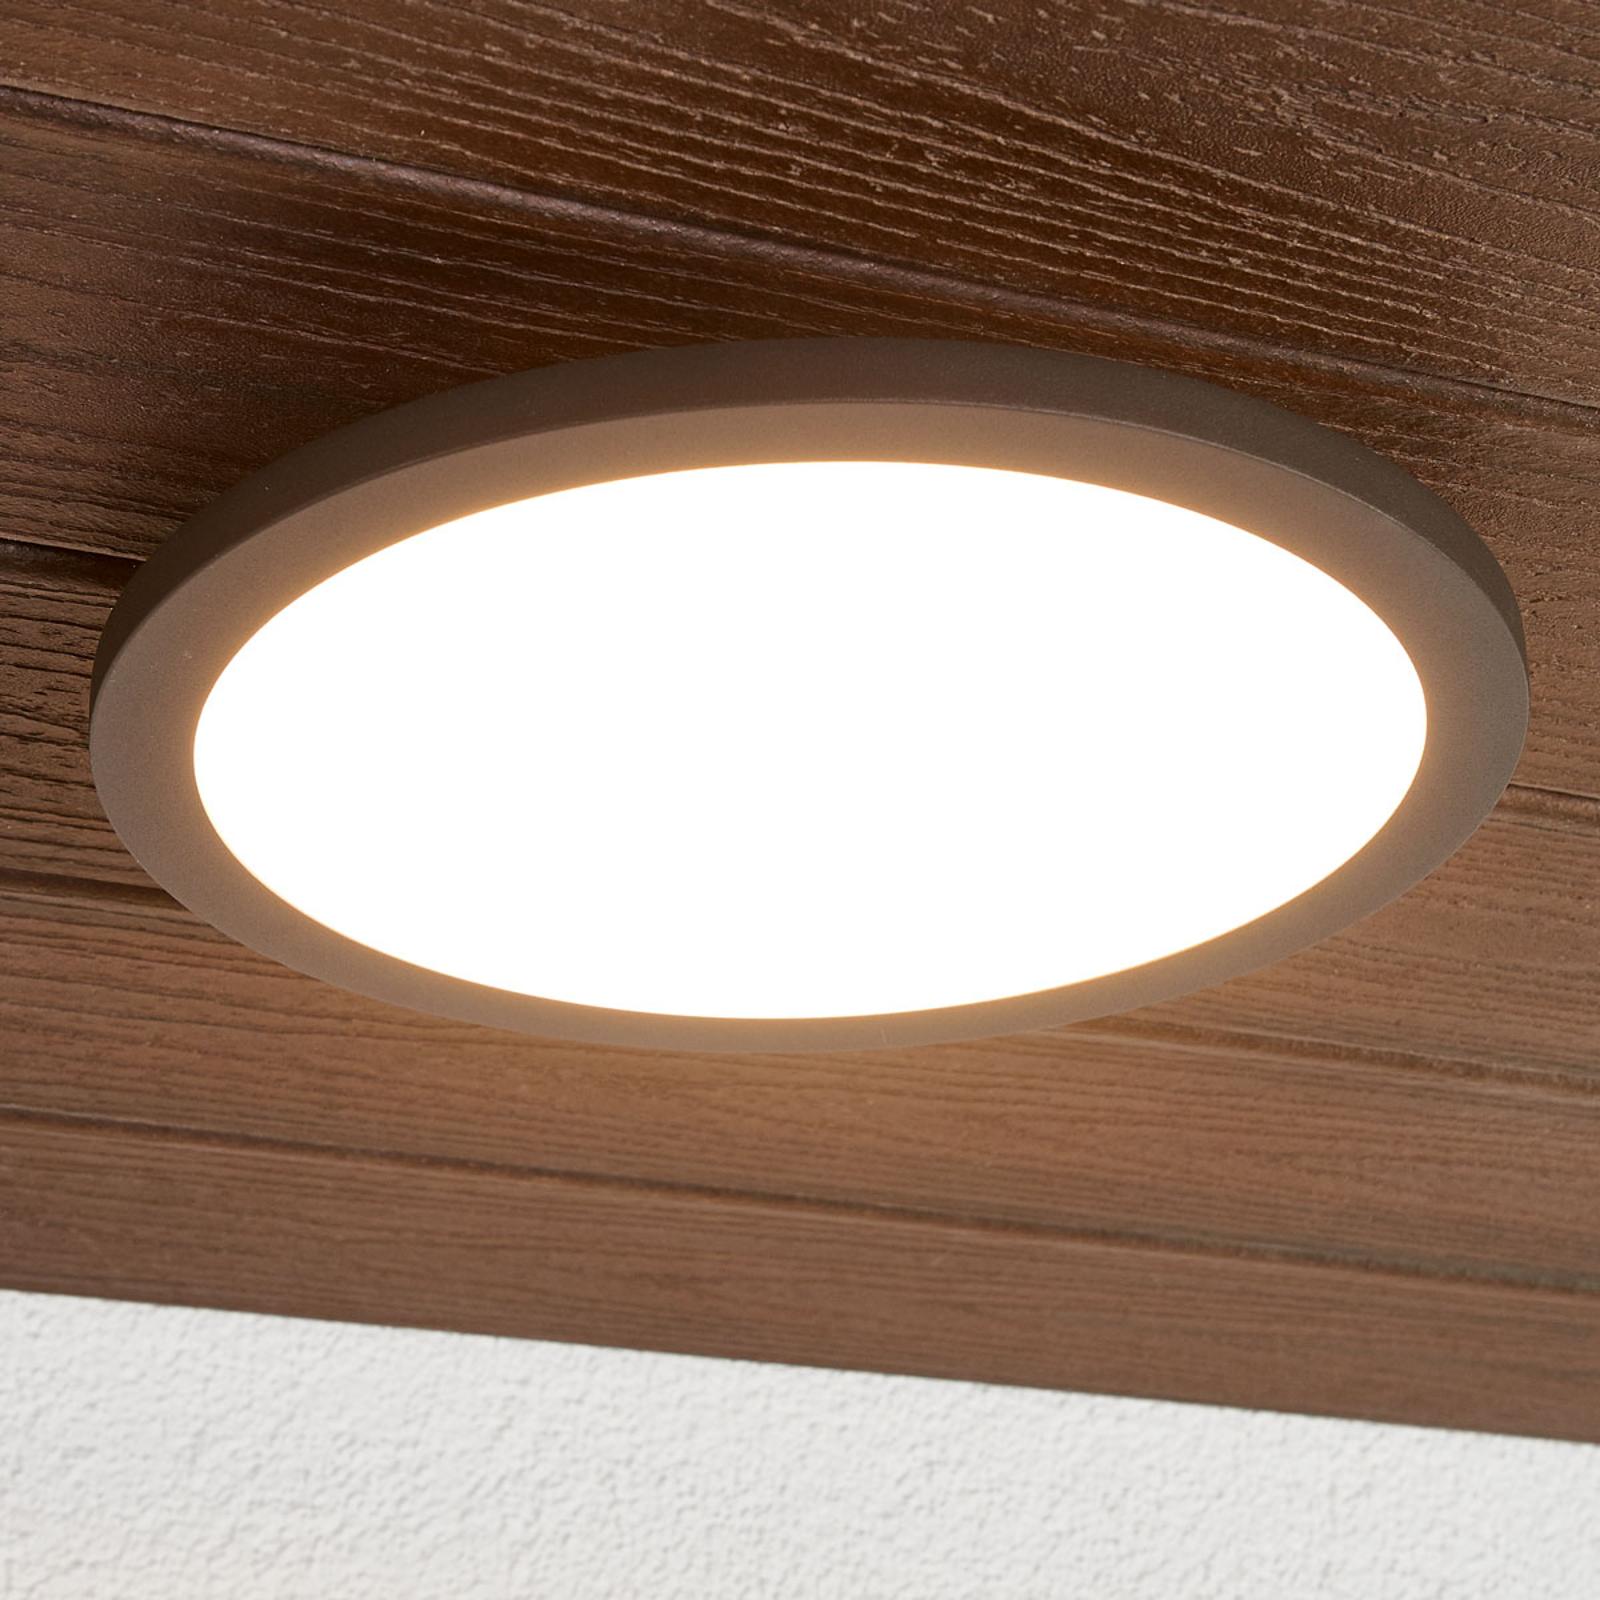 Lampa sufitowa zewnętrzna LED Malena z czujnikiem